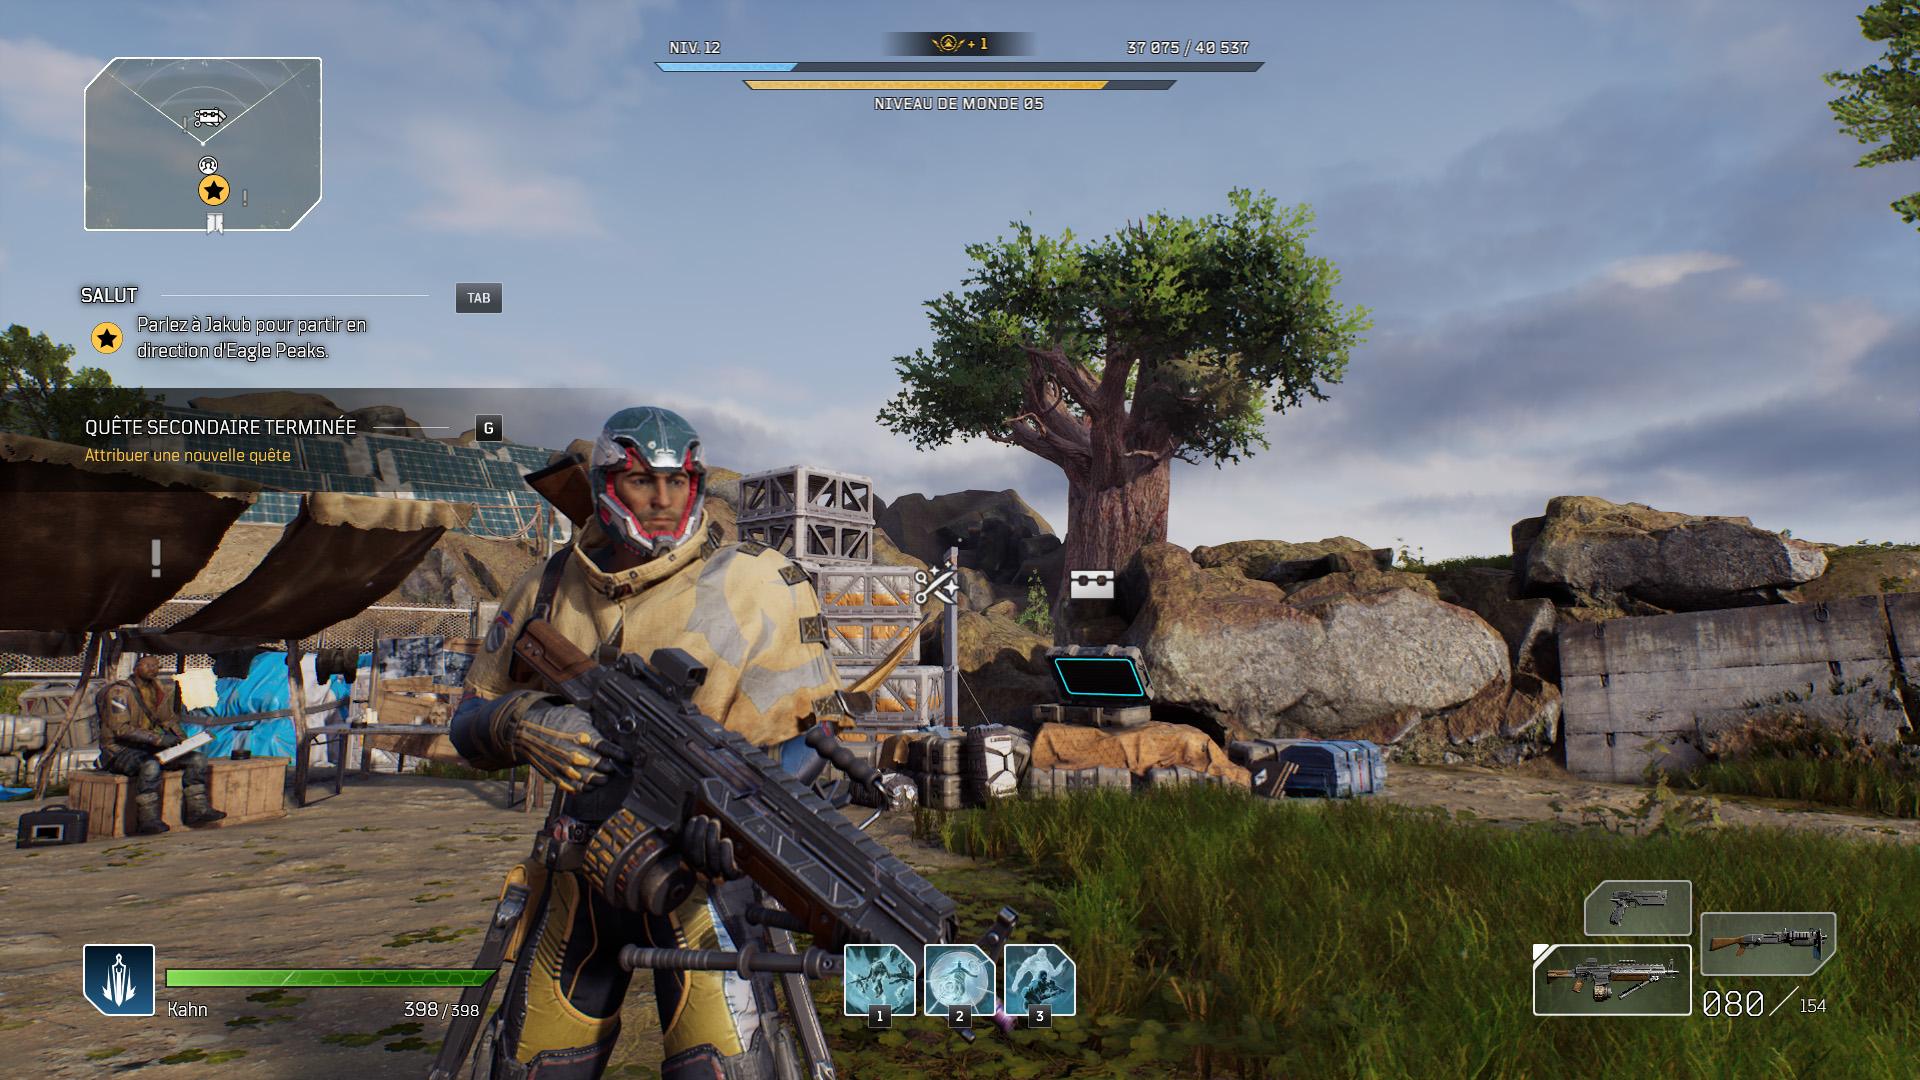 Alors, Anthem, Mass Effect ou PlanetSide 2?